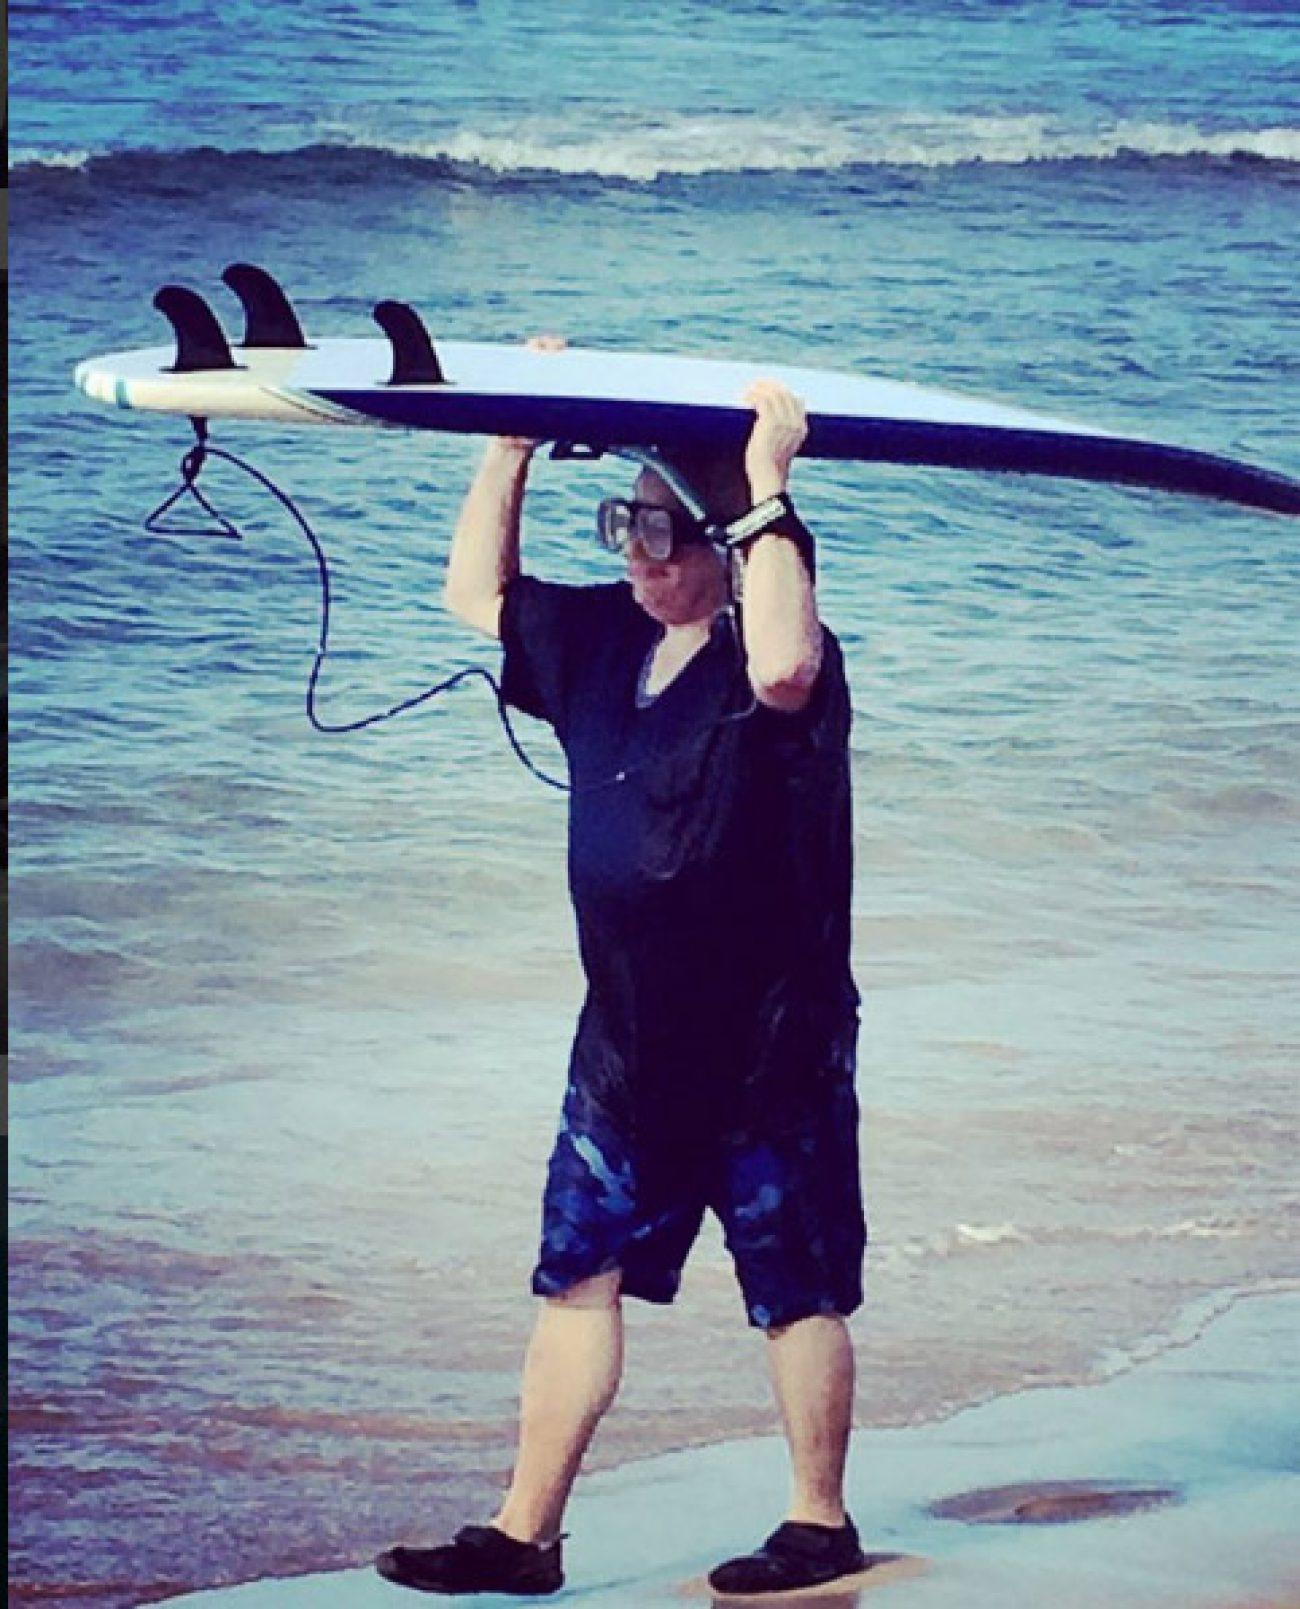 surfer-de-verano